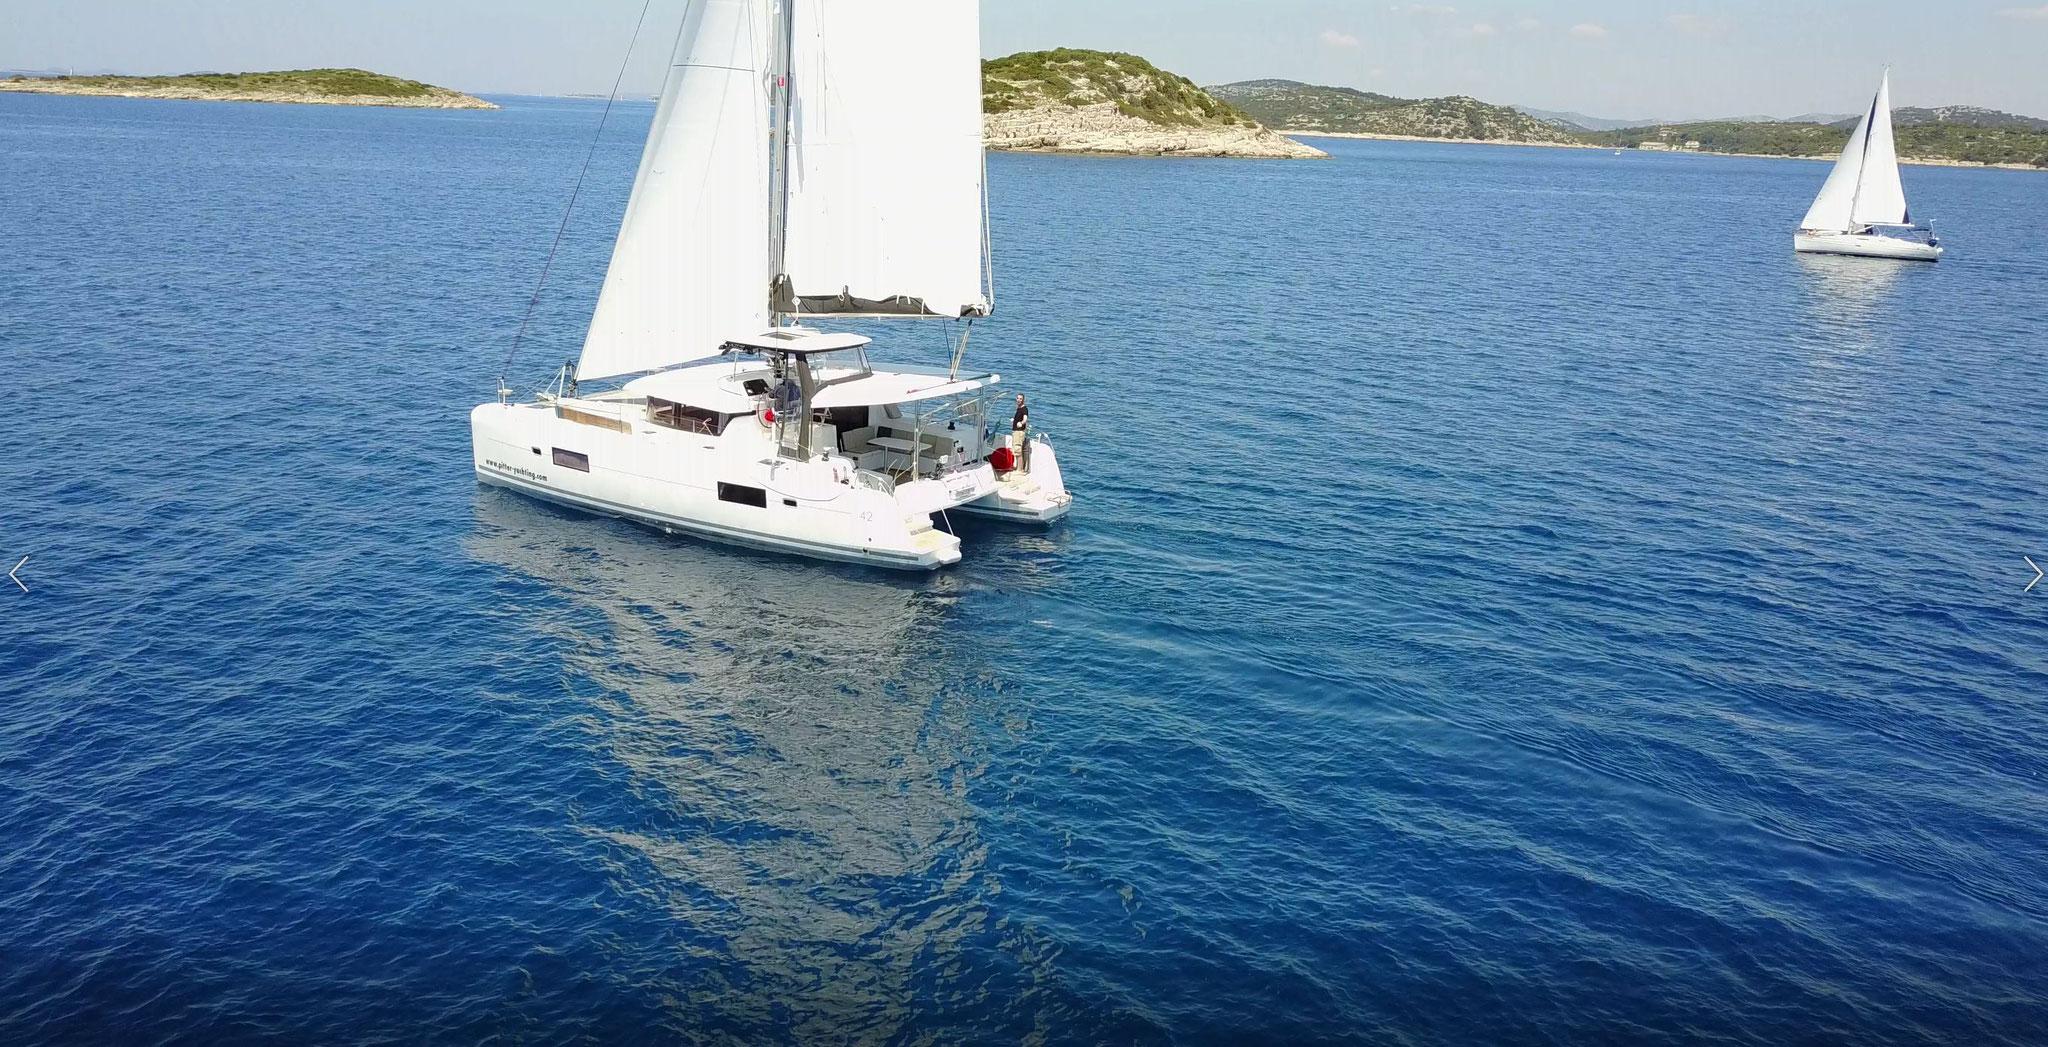 Katamaran Reisen als Charter Kroatien von Trogir bei Spllit - www.katamaramtraum.com